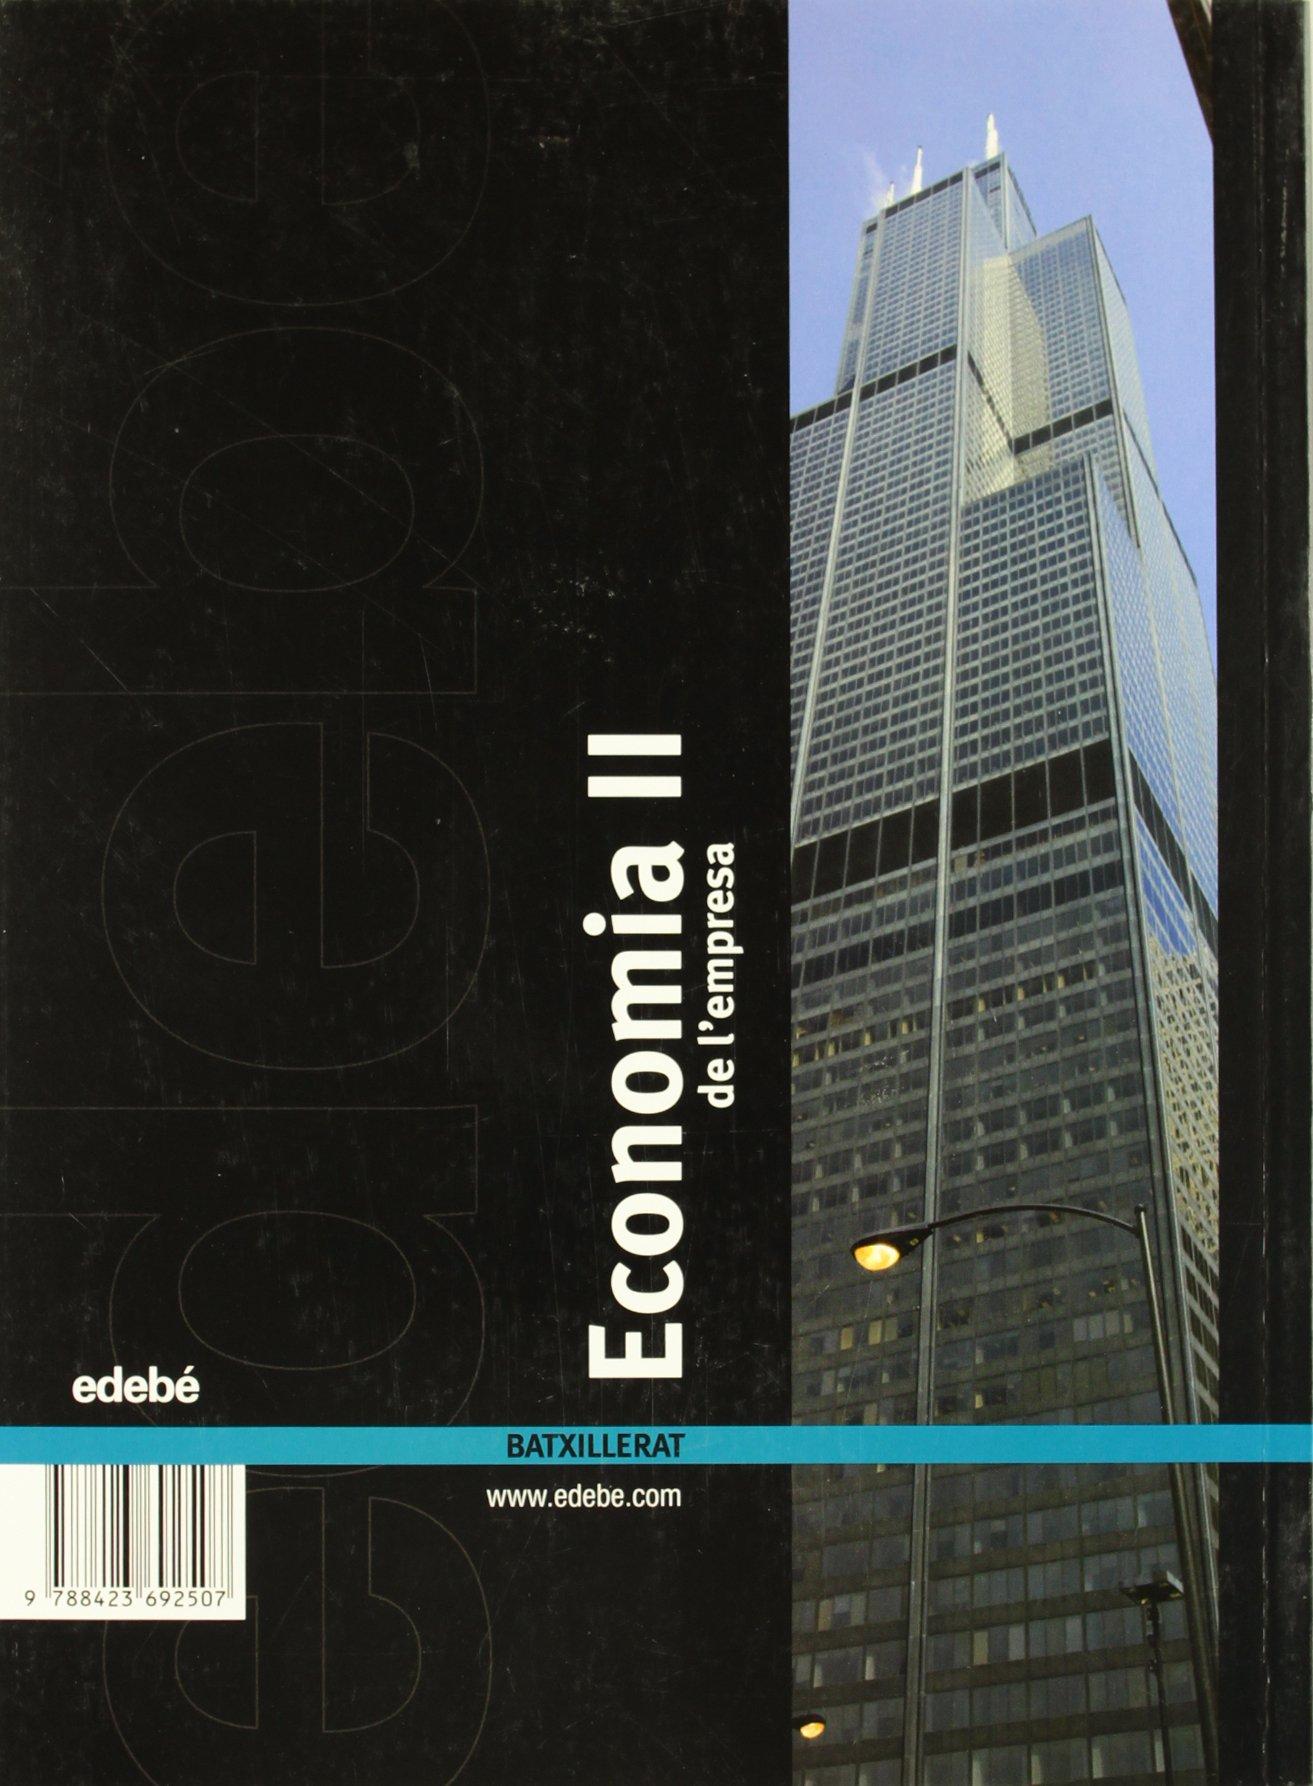 Economia de LEmpresa II - 9788423692507: Amazon.es: Edebé, Obra Colectiva: Libros